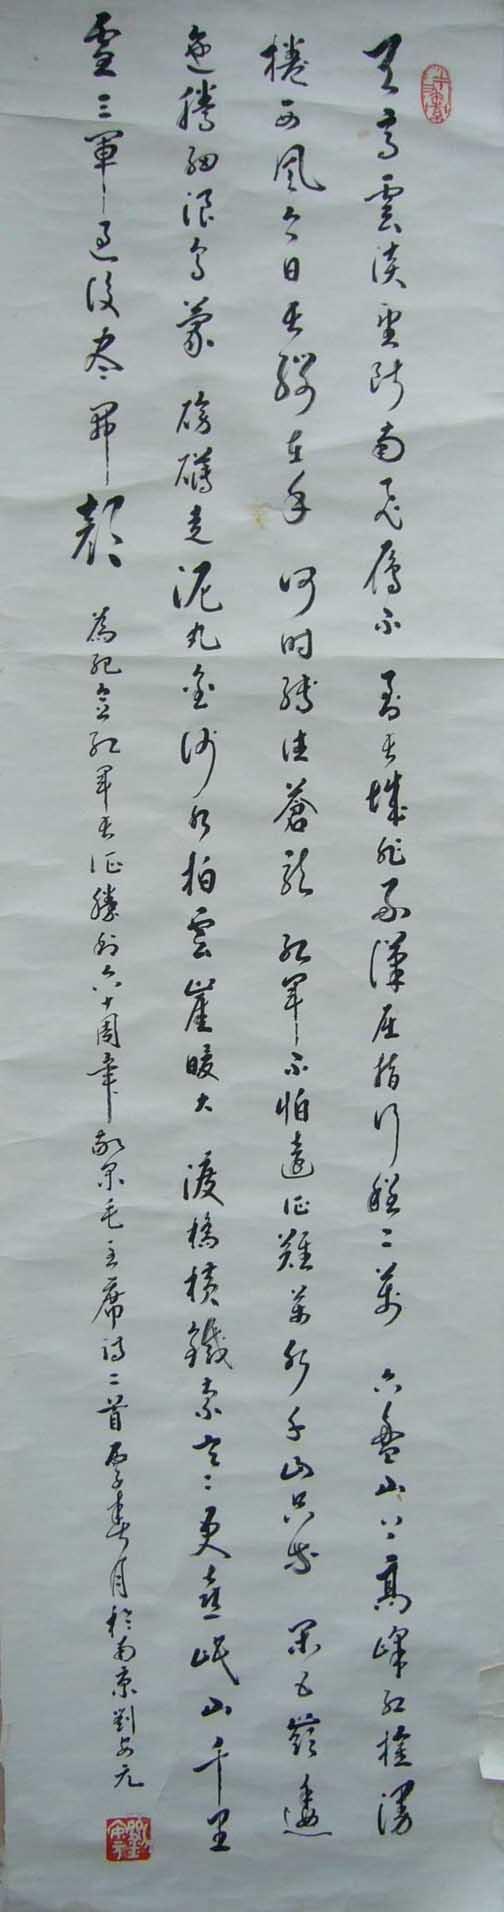 刘安远(中将军衔 南京军区政委)